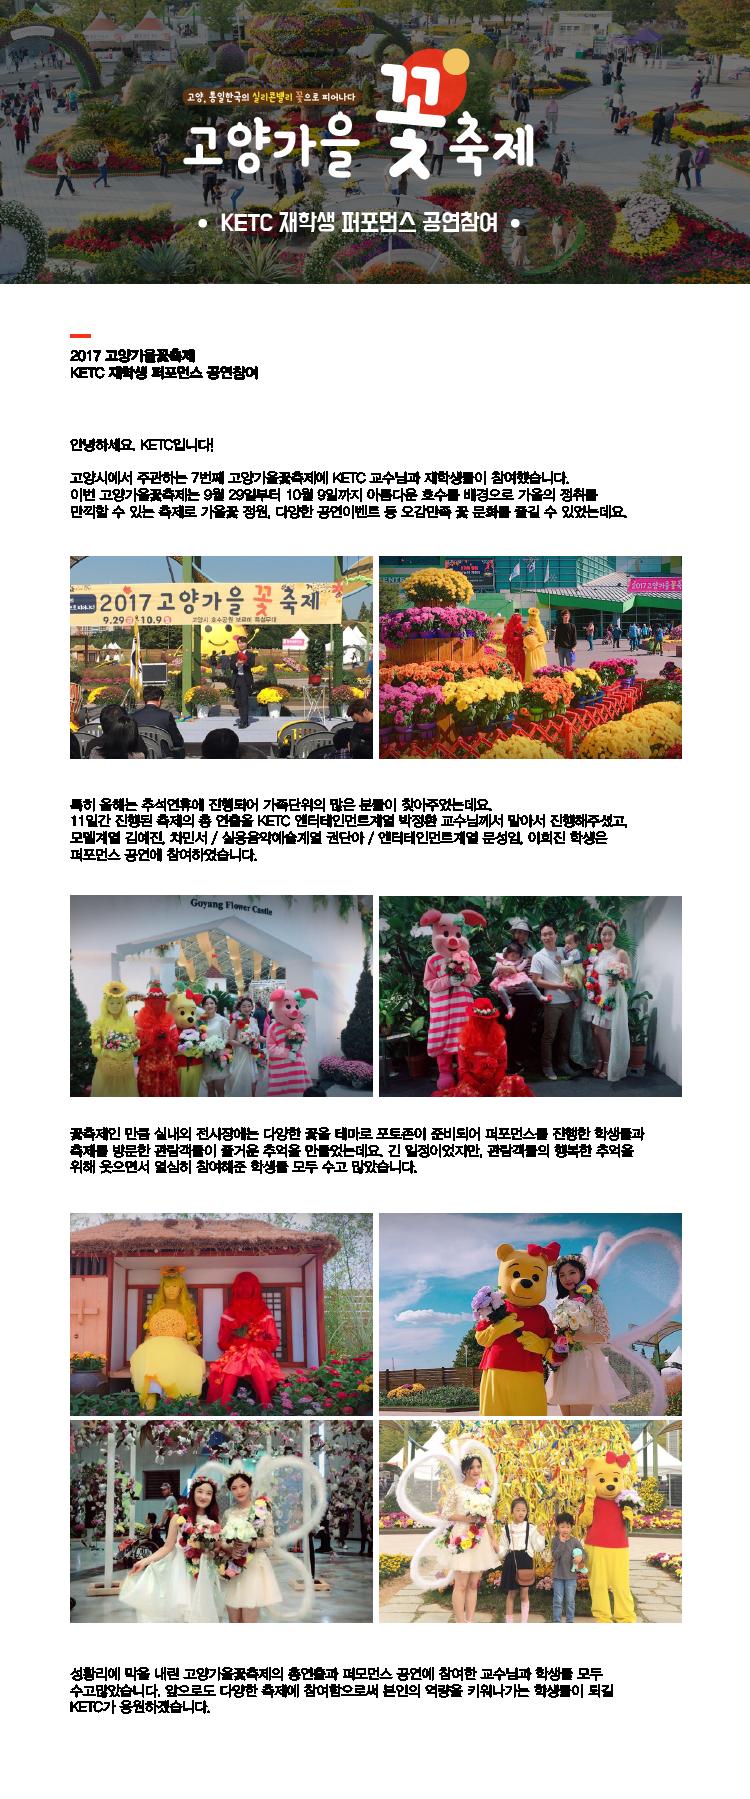 2017 고양가을꽃축제 KETC 교수님&재학생 참여!